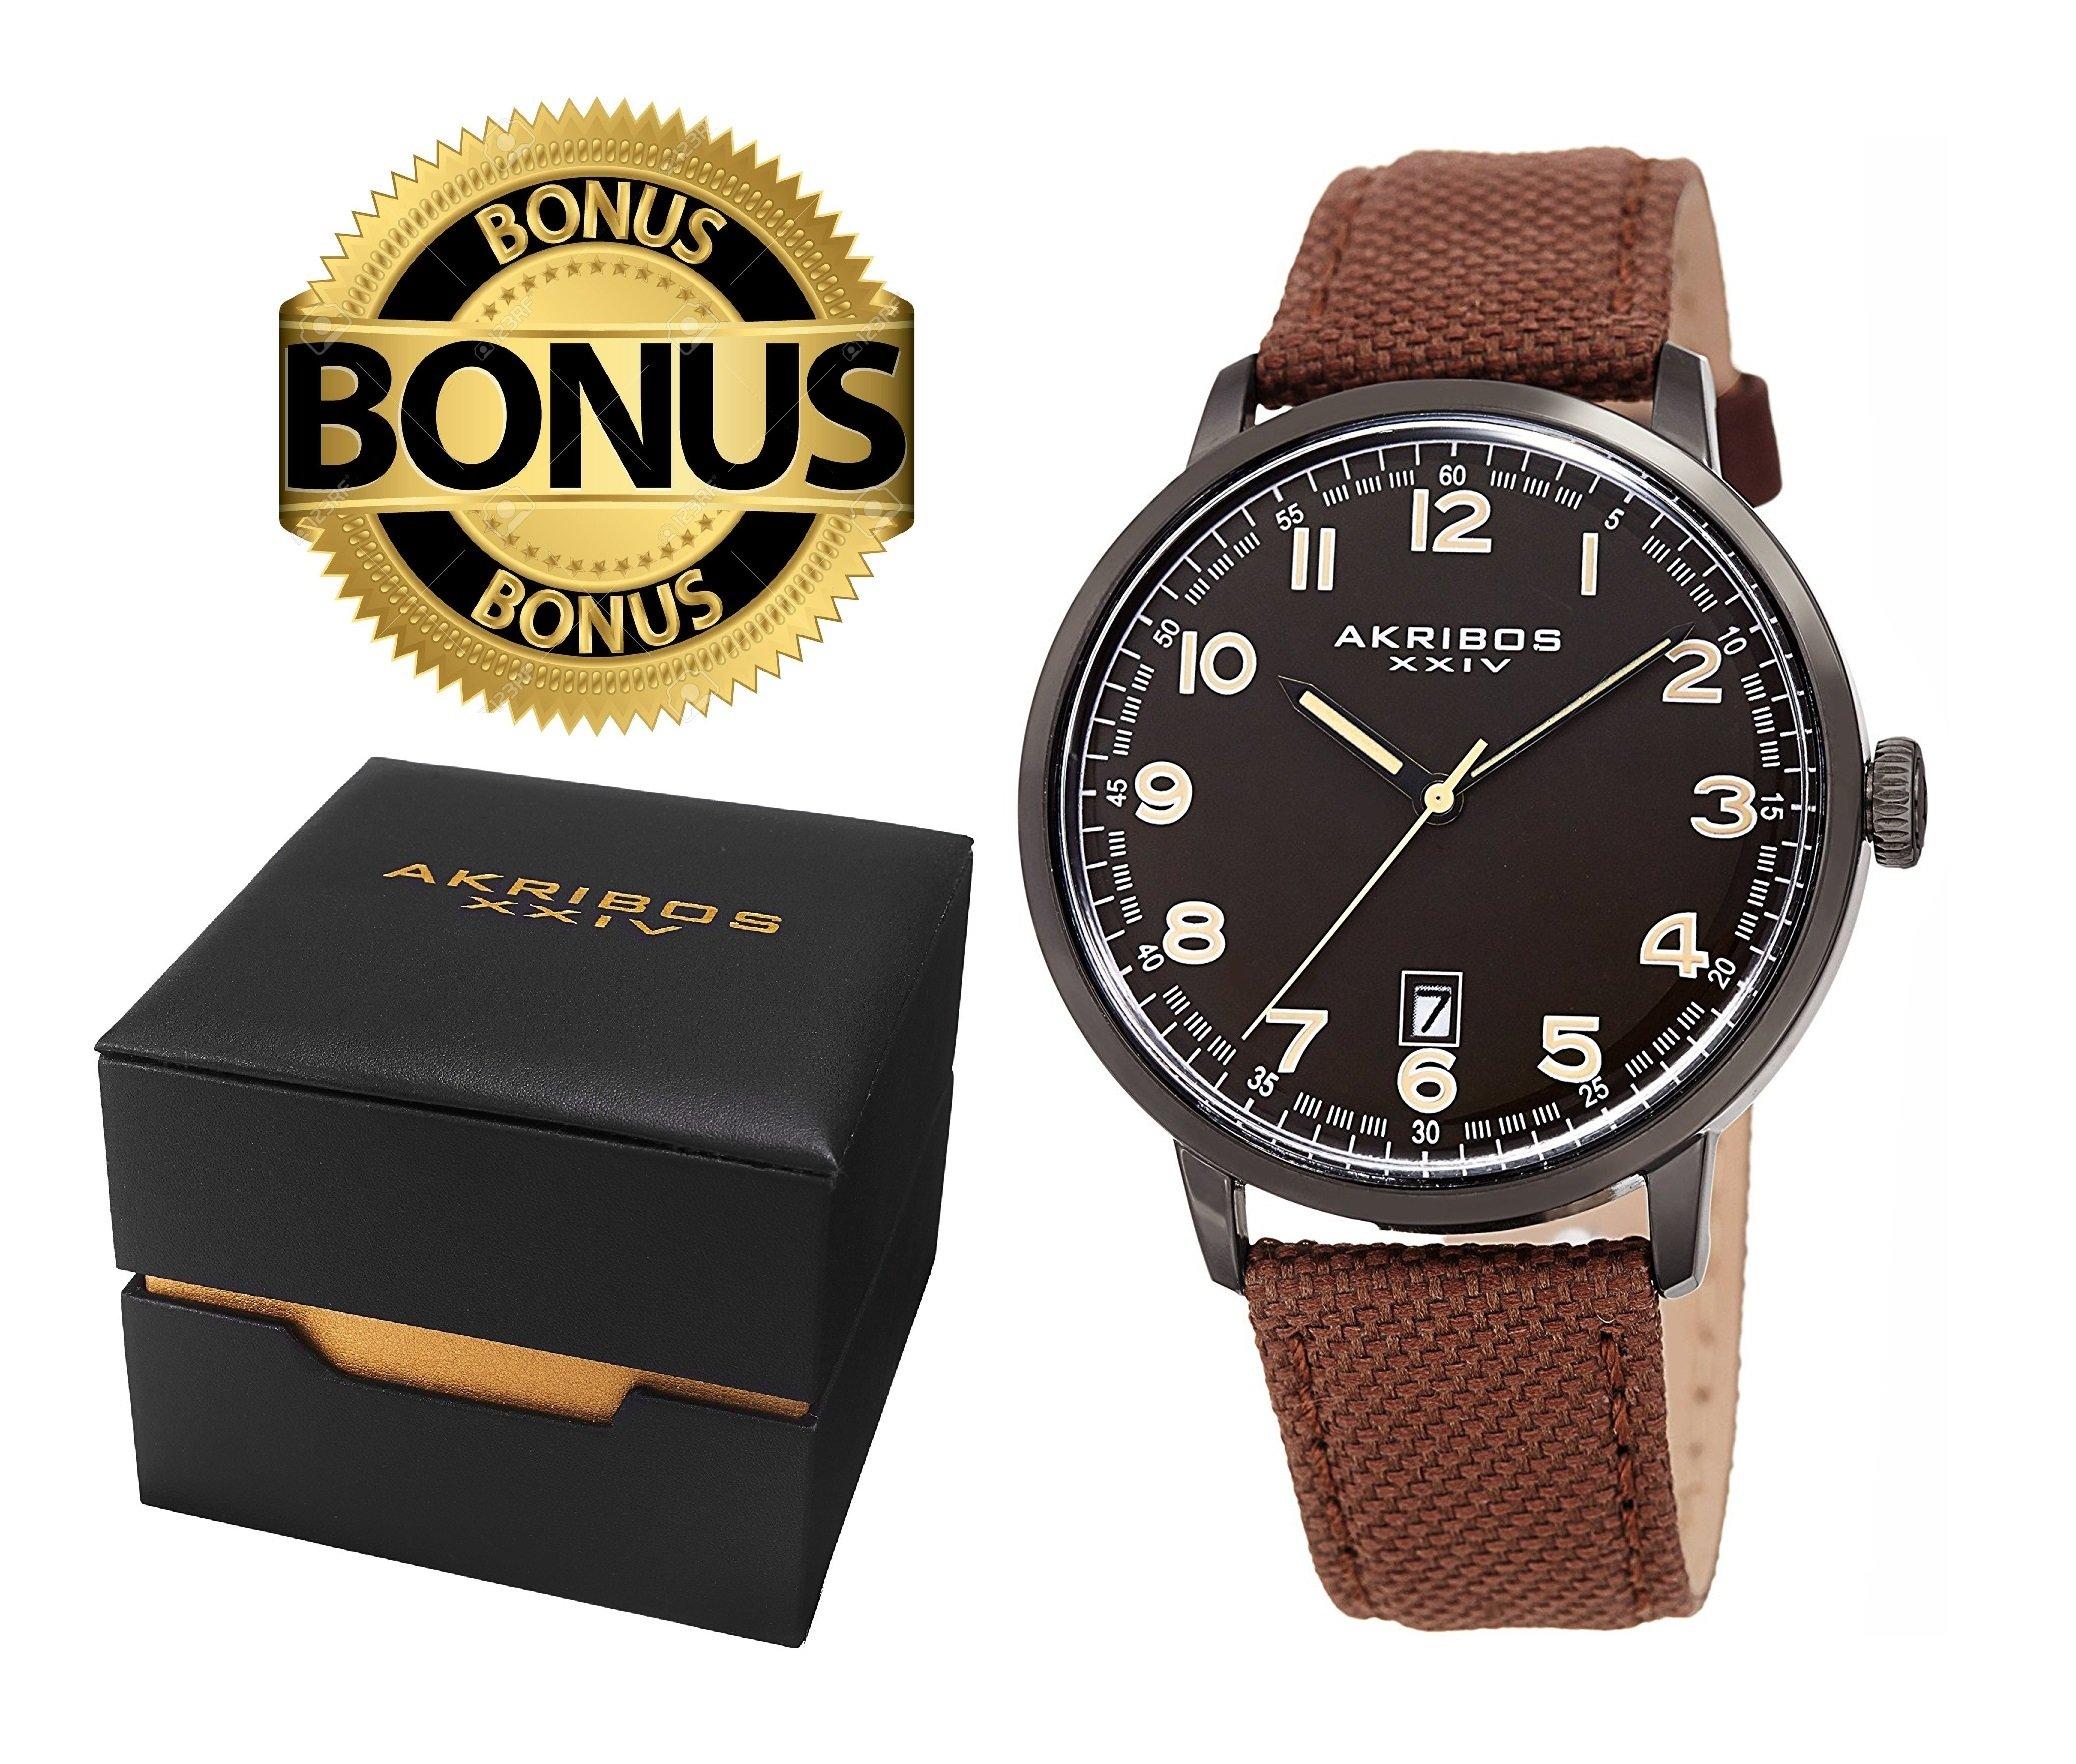 Akribos XXIV Men's AK1025BKBR Black & Brown Canvas Leather Strap Watch